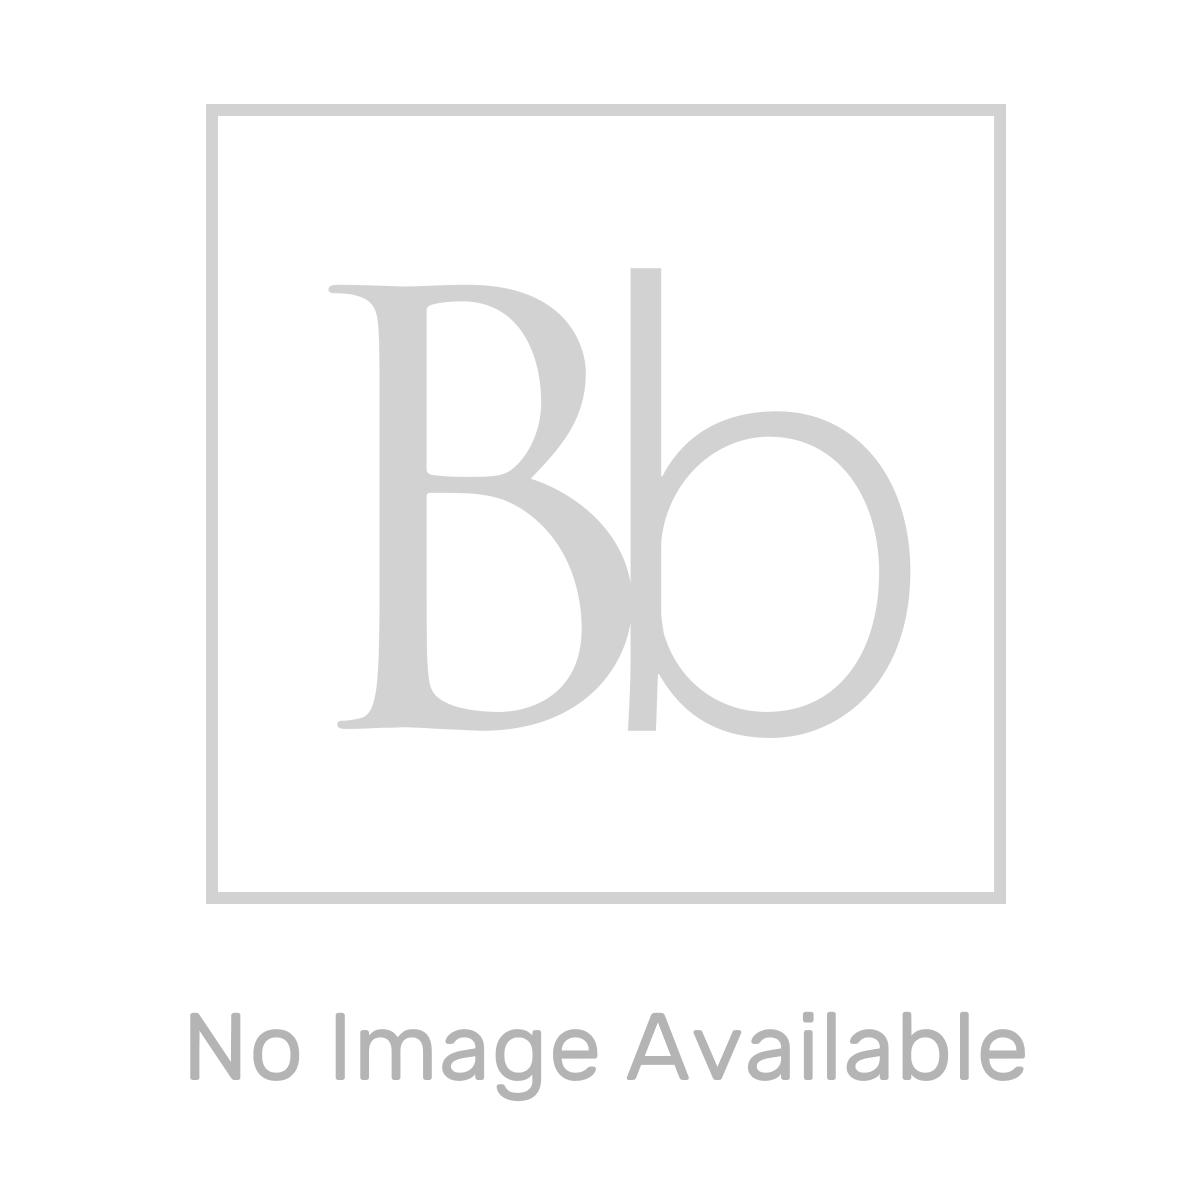 Merlyn Series 8 Sliding Door with Inline Panel